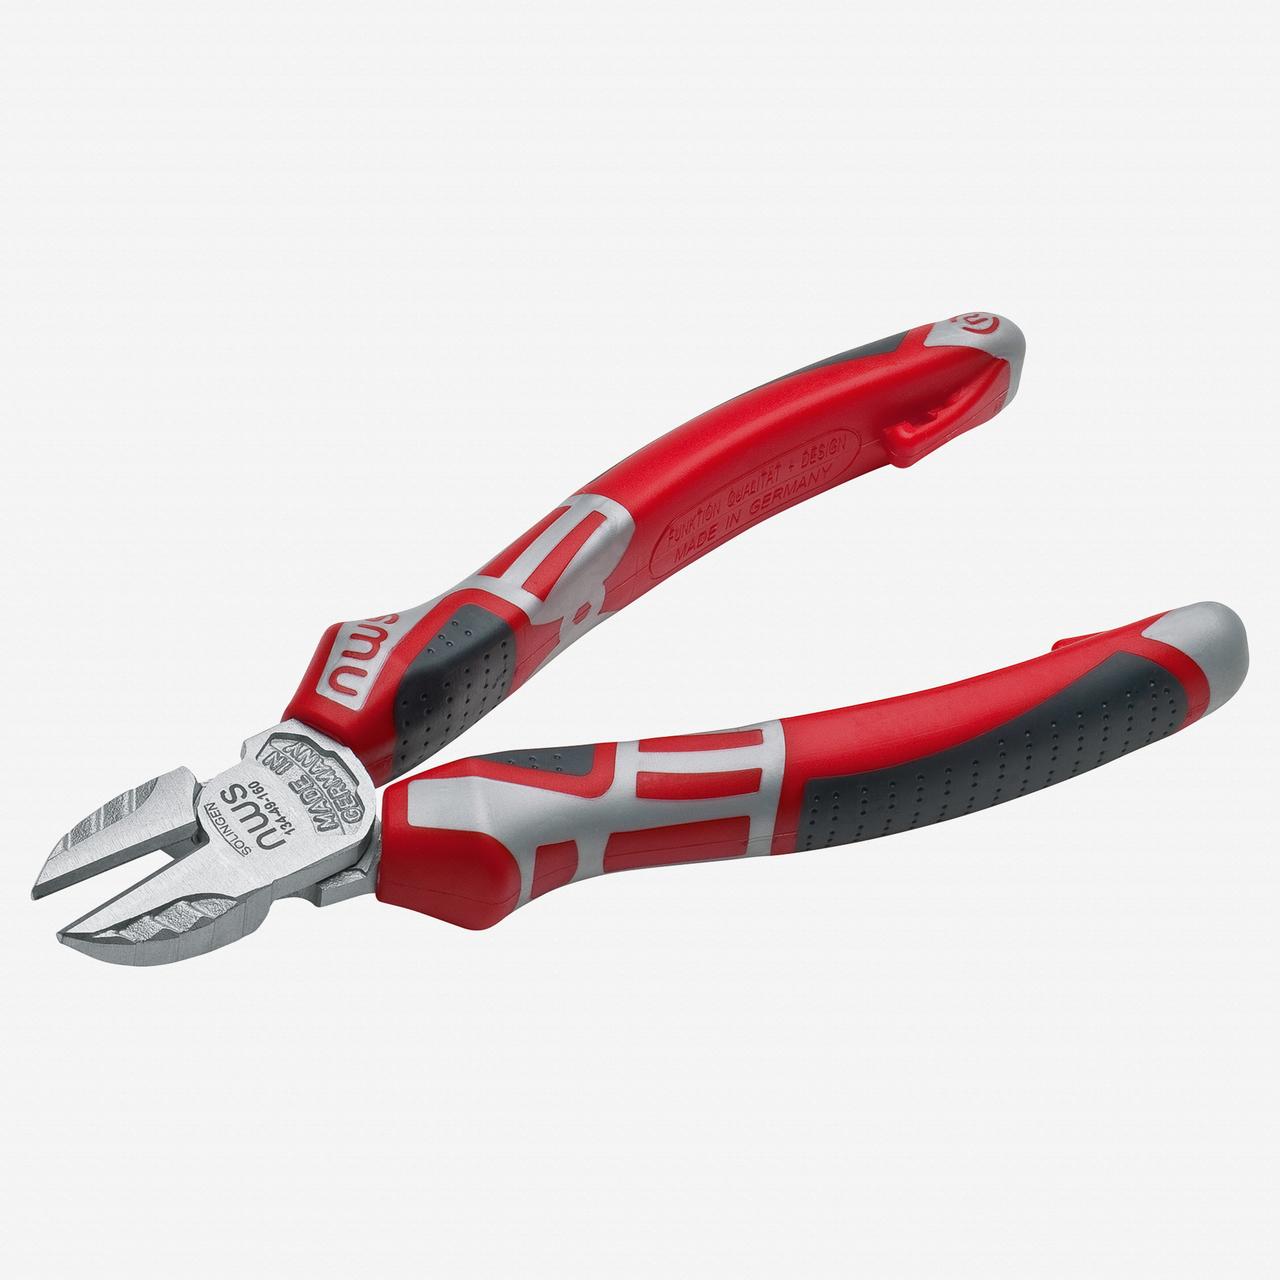 """NWS 134-49-145 5.75"""" Side Cutter - Matte Chromium - SoftGripp - KC Tool"""